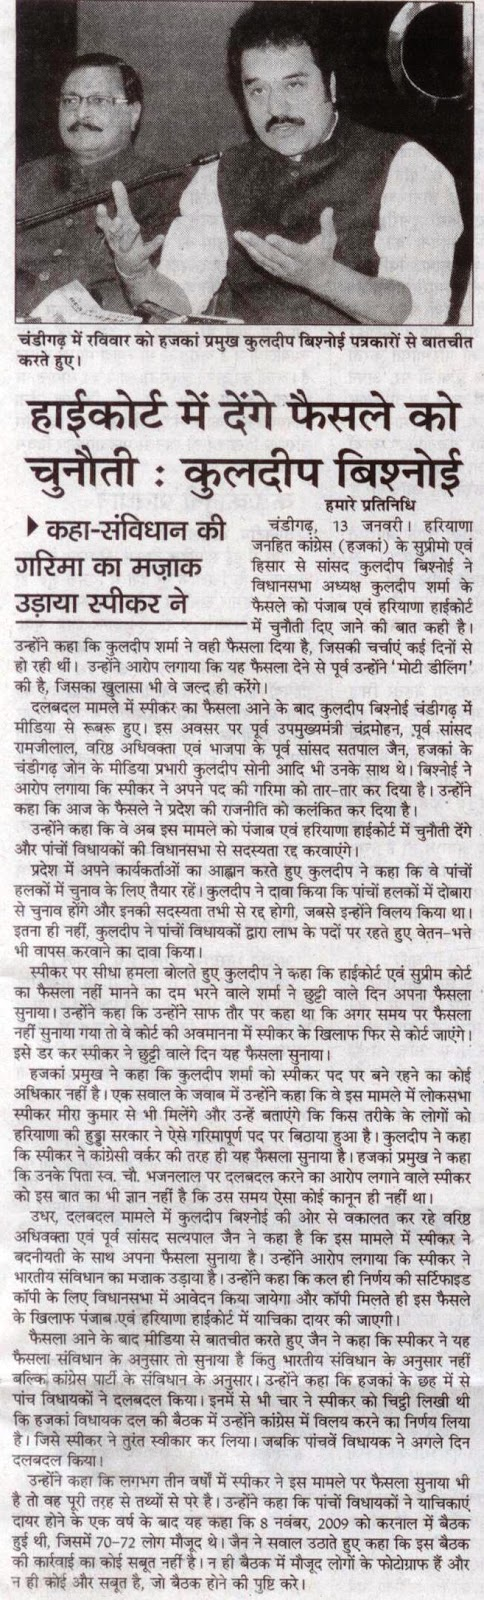 चंडीगढ़ में रविवार को हजकां प्रमुख कुलदीप बिशनोई पत्रकारों से बात करते हुए। साथ में उनके अधिवक्ता सत्य पाल जैन।